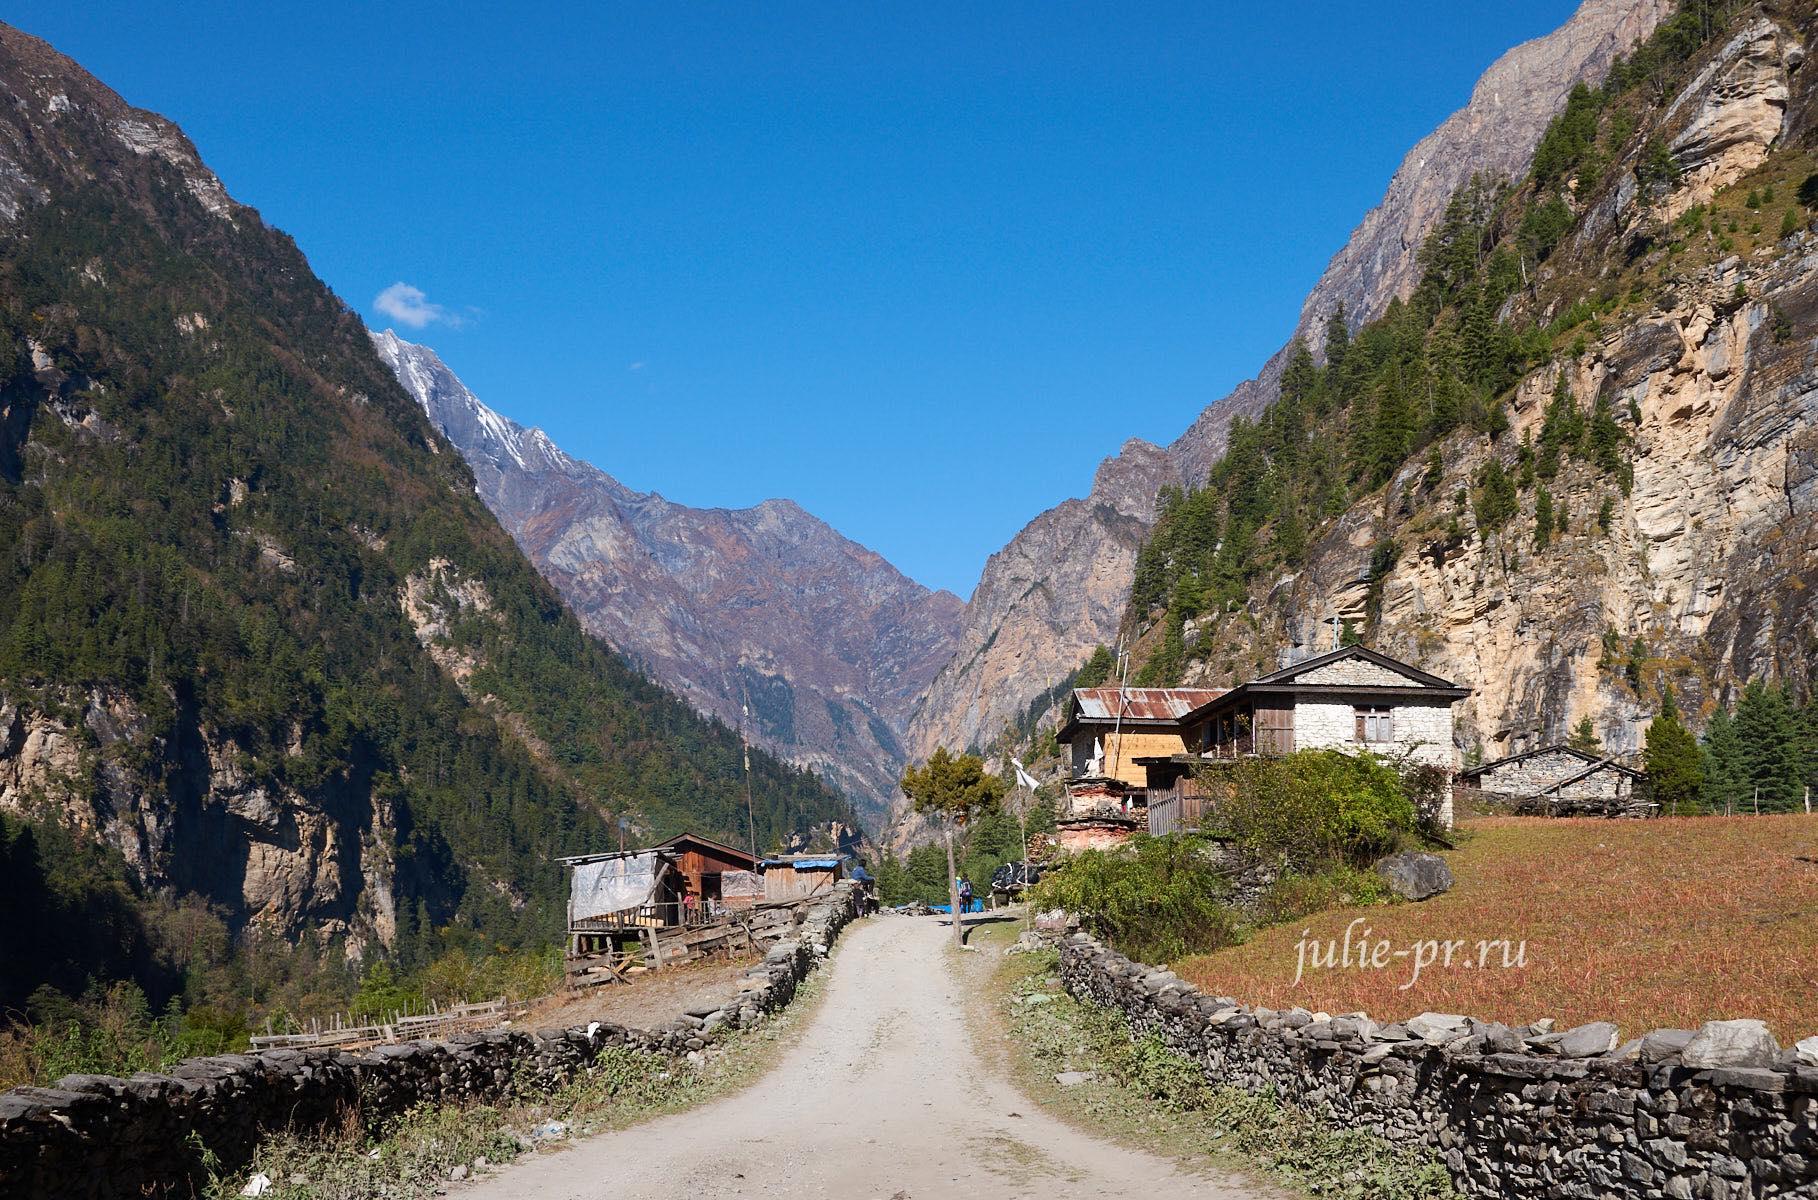 Непал, Трек вокруг Аннапурны, Thaleku